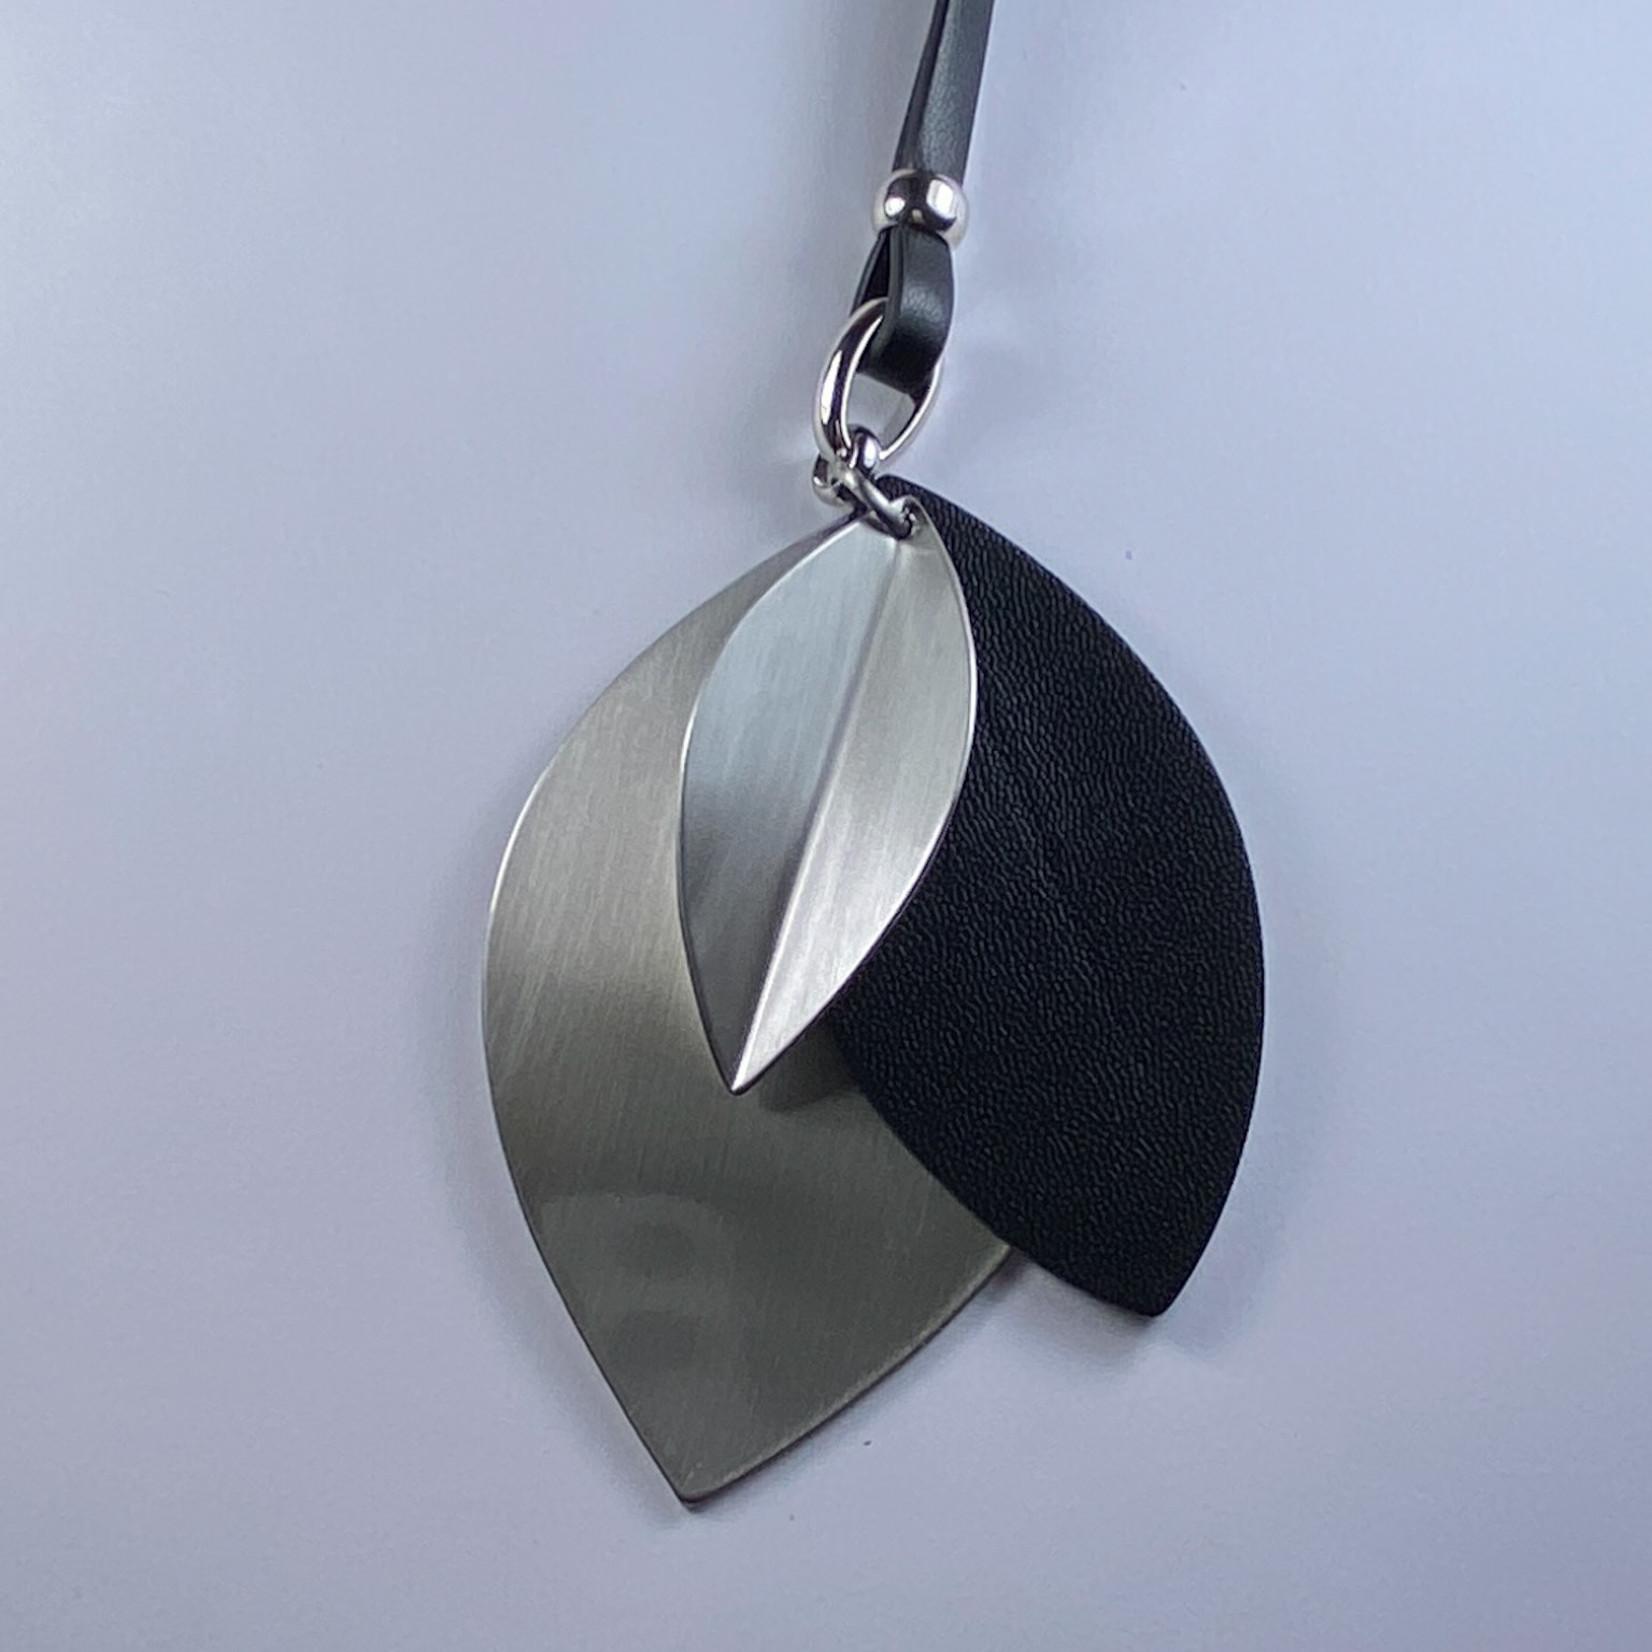 Axxes-Soir Ketting lang met zwarte en zilverkleurige hangerss